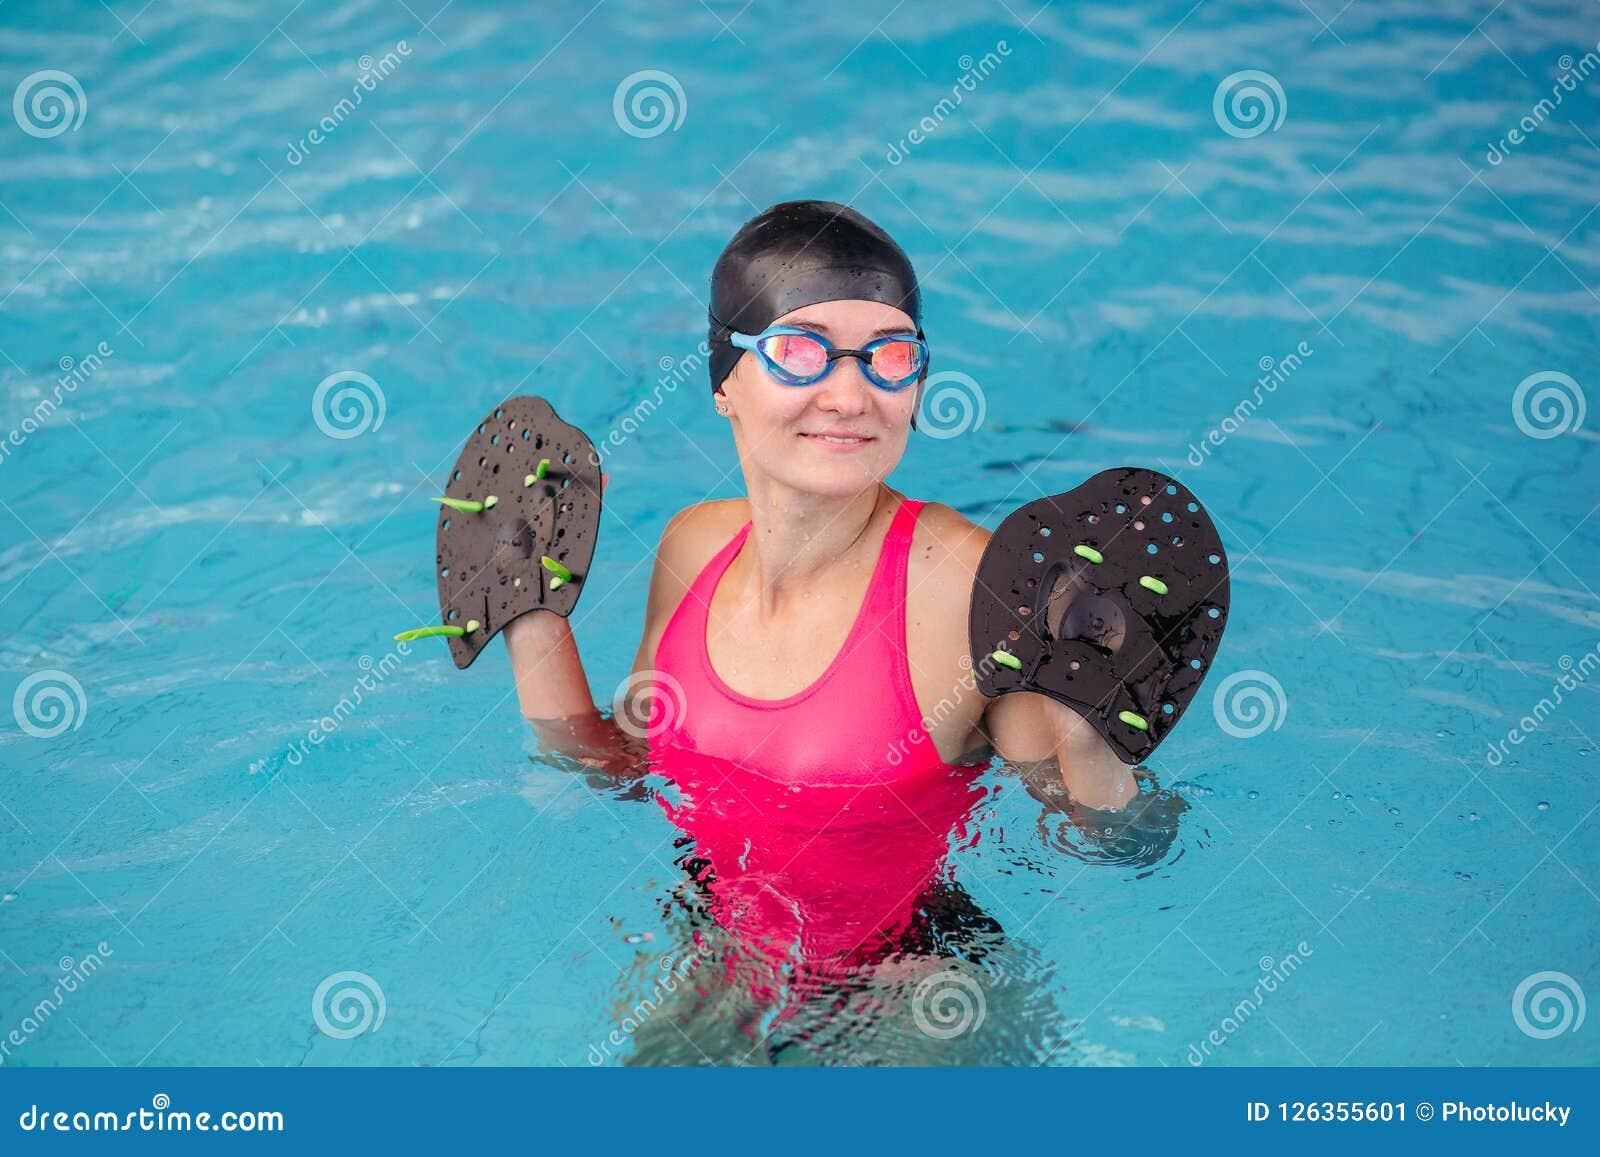 Заплывание маленькой девочки в водном бассейне с специальным оборудованием для руки